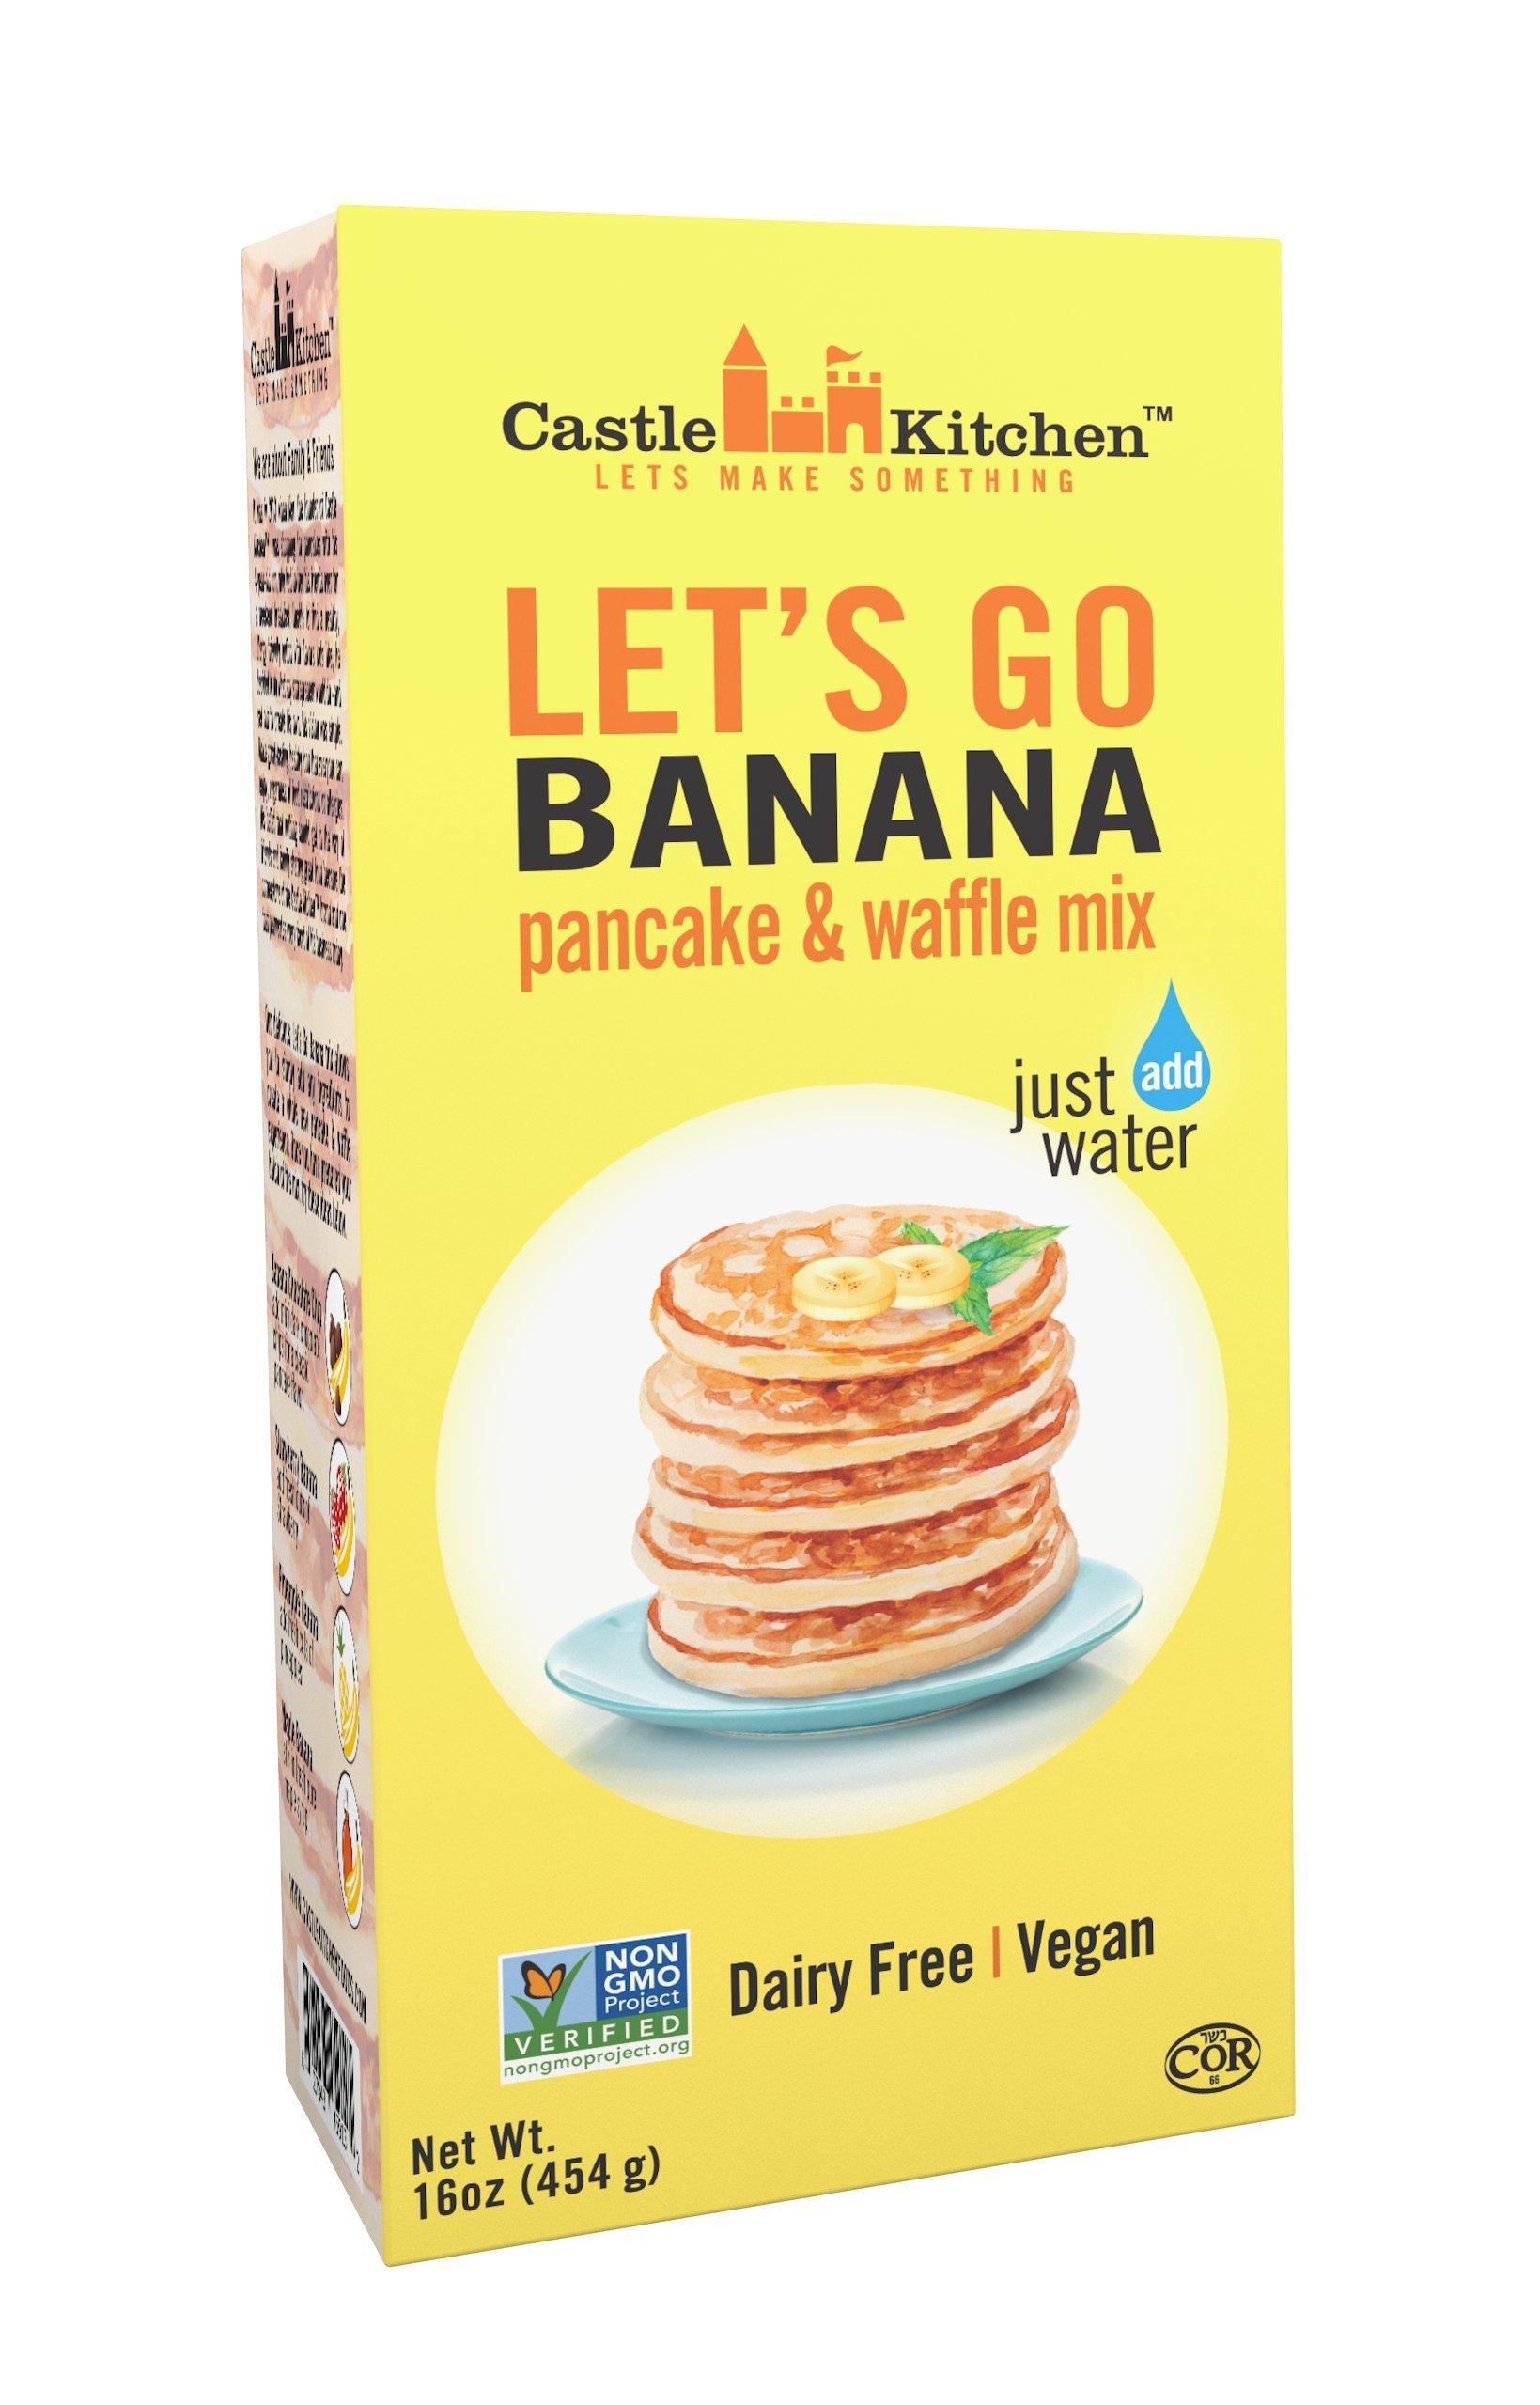 Banana Pancake Mix - Let's Go Banana Dairy-Free, Vegan Complete Pancake & Waffle Mix - Just Add Water - 16 oz